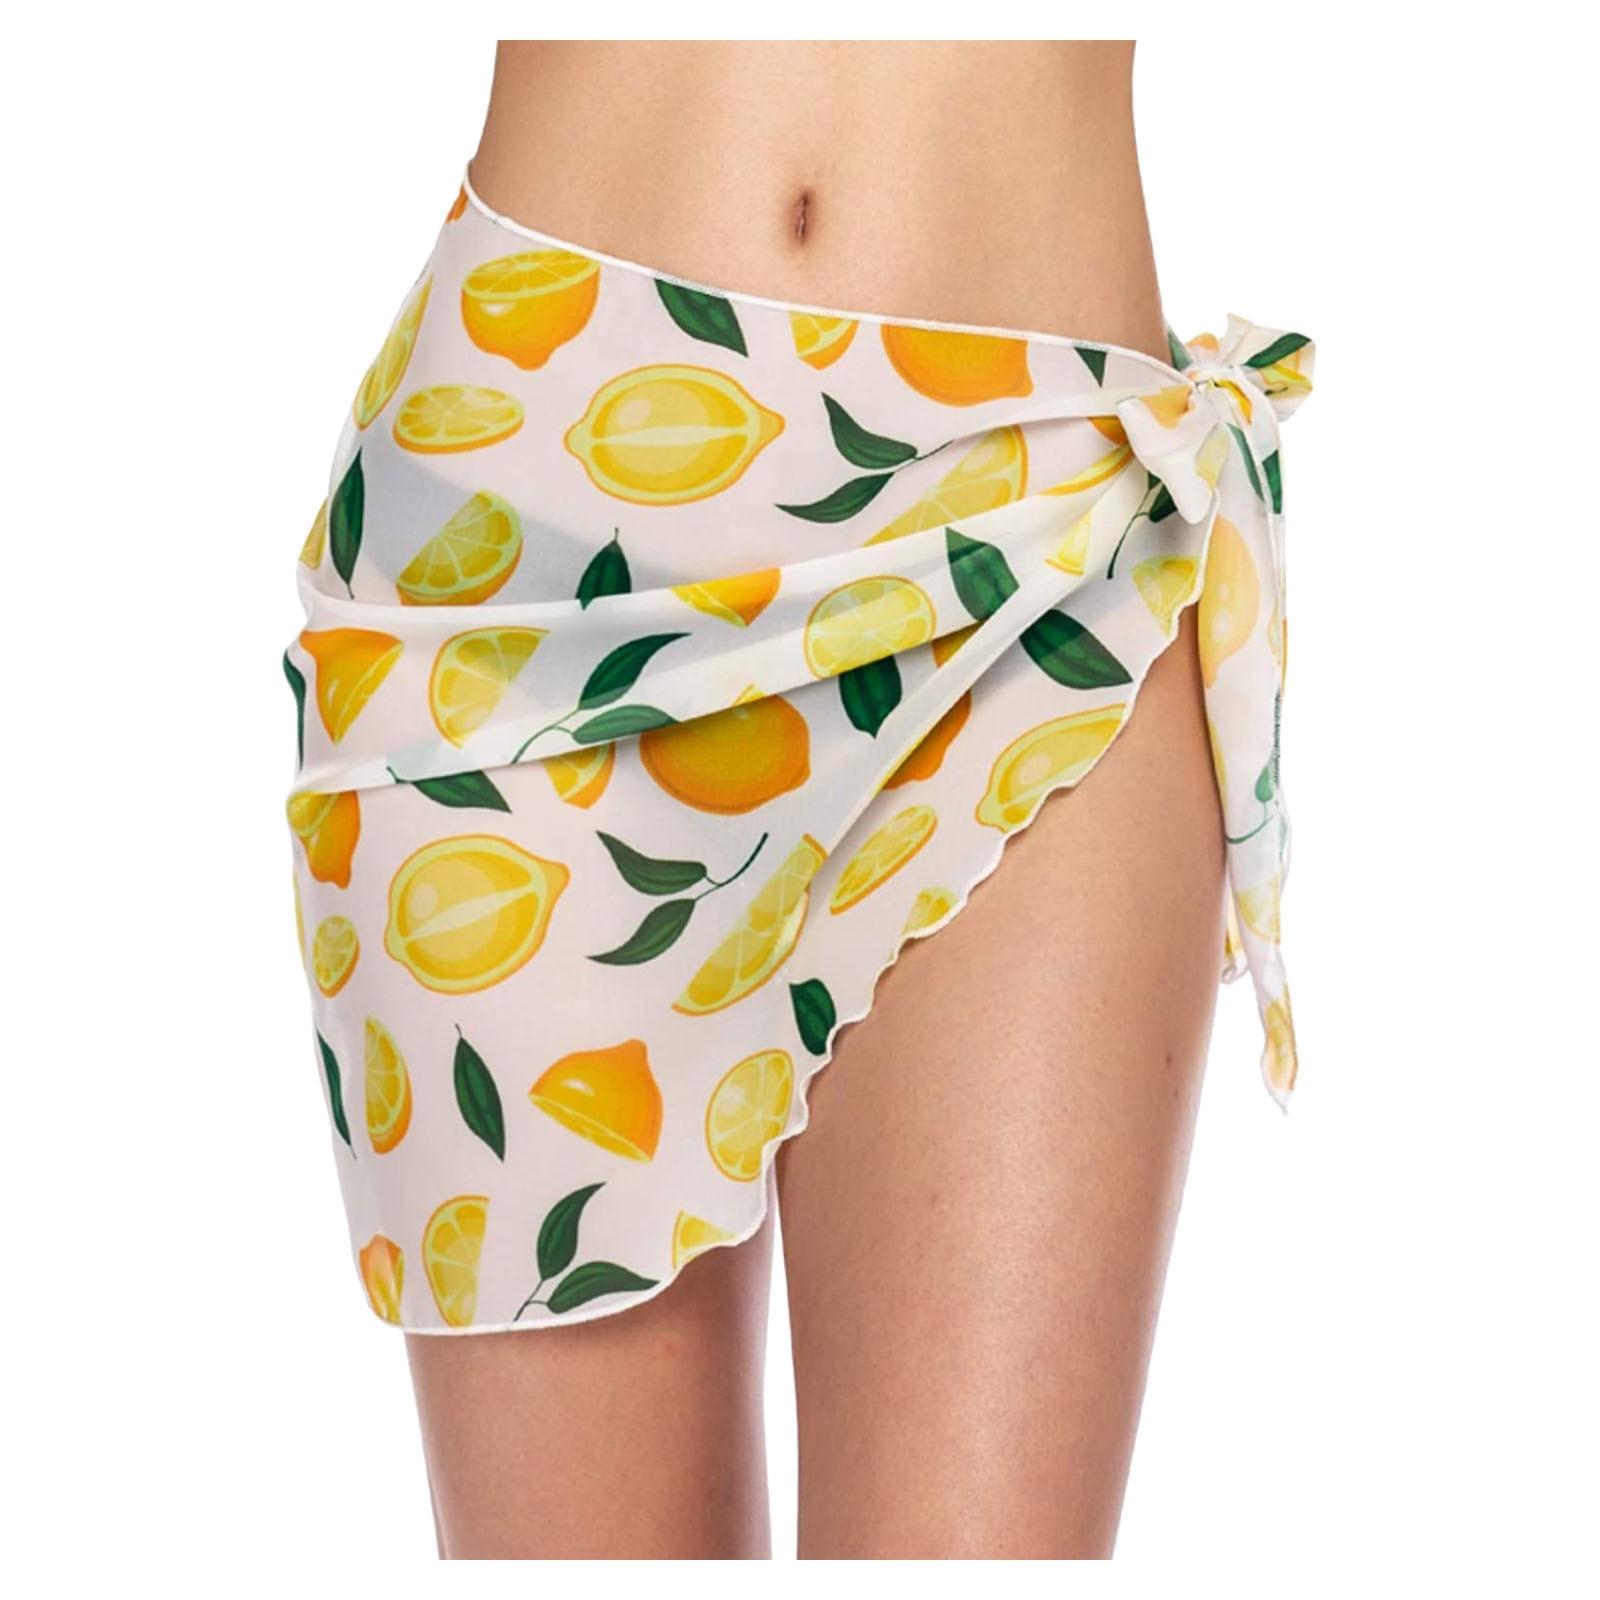 Women Short Sarongs Beach Wrap Sheer Bikini Wraps Chiffon Cover Ups for Swimwear 3